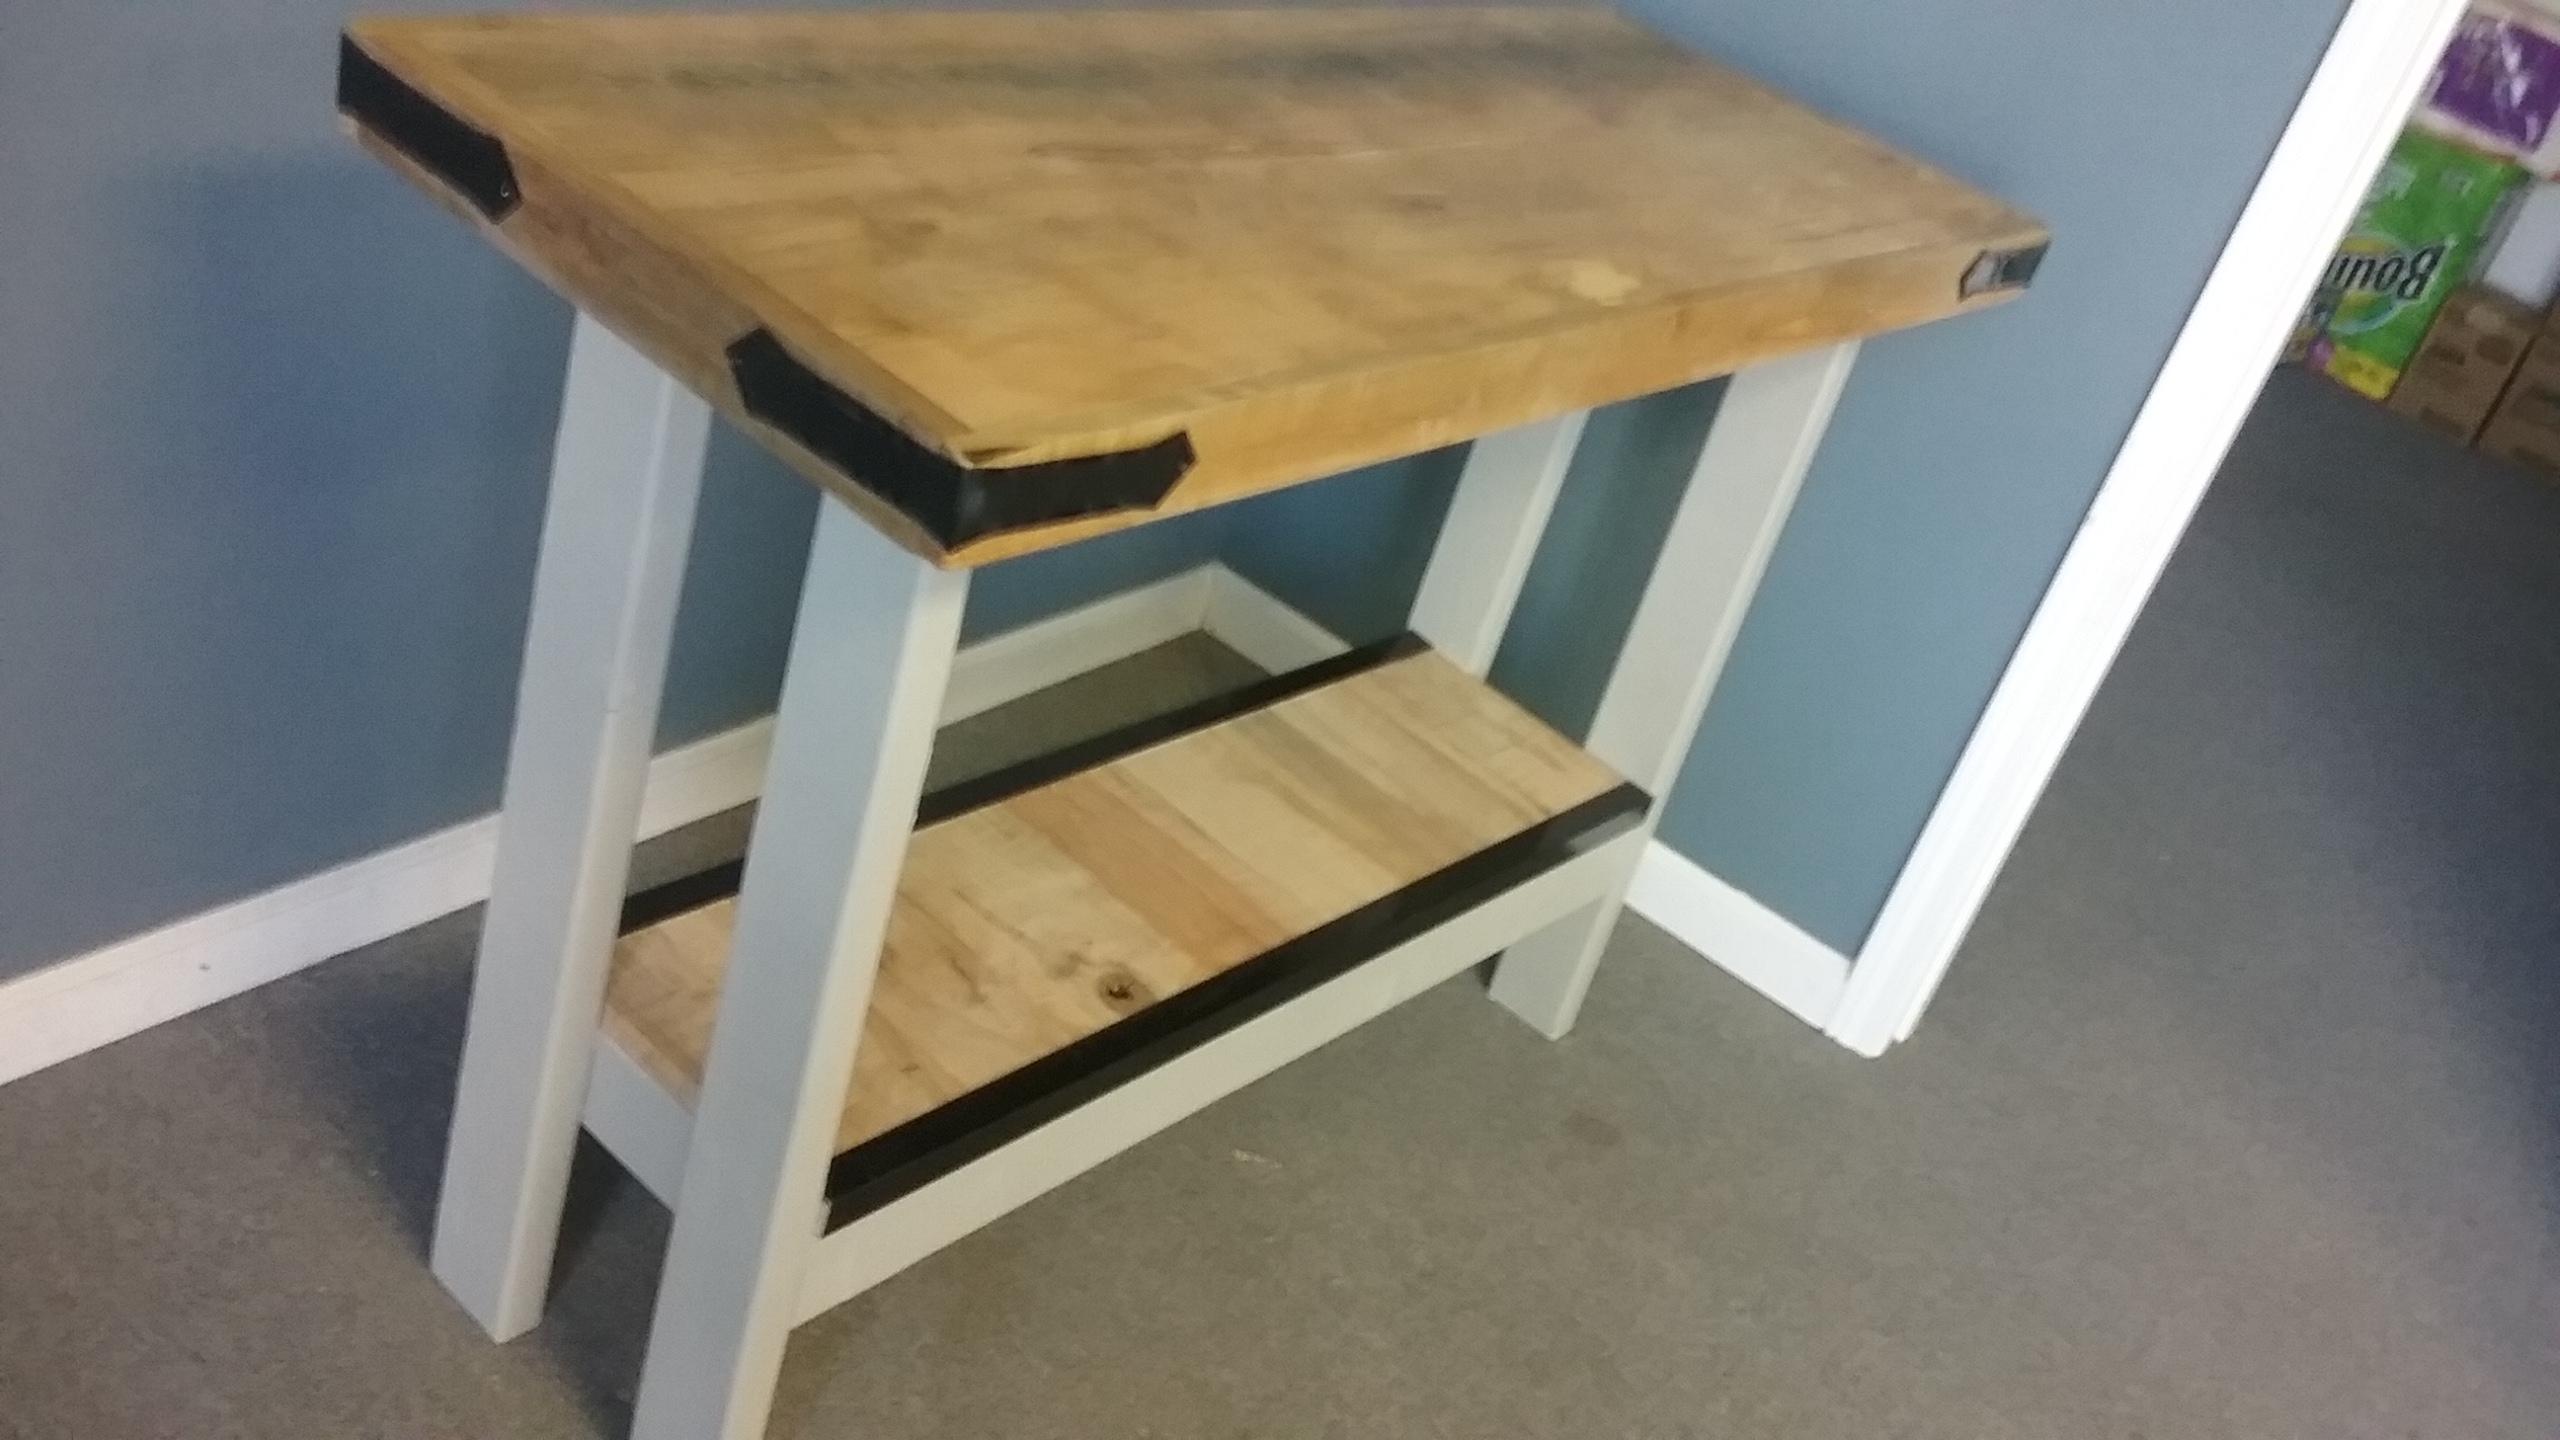 Unusual Furniture Pieces Furniture DesignerBuilder Jory Brigham